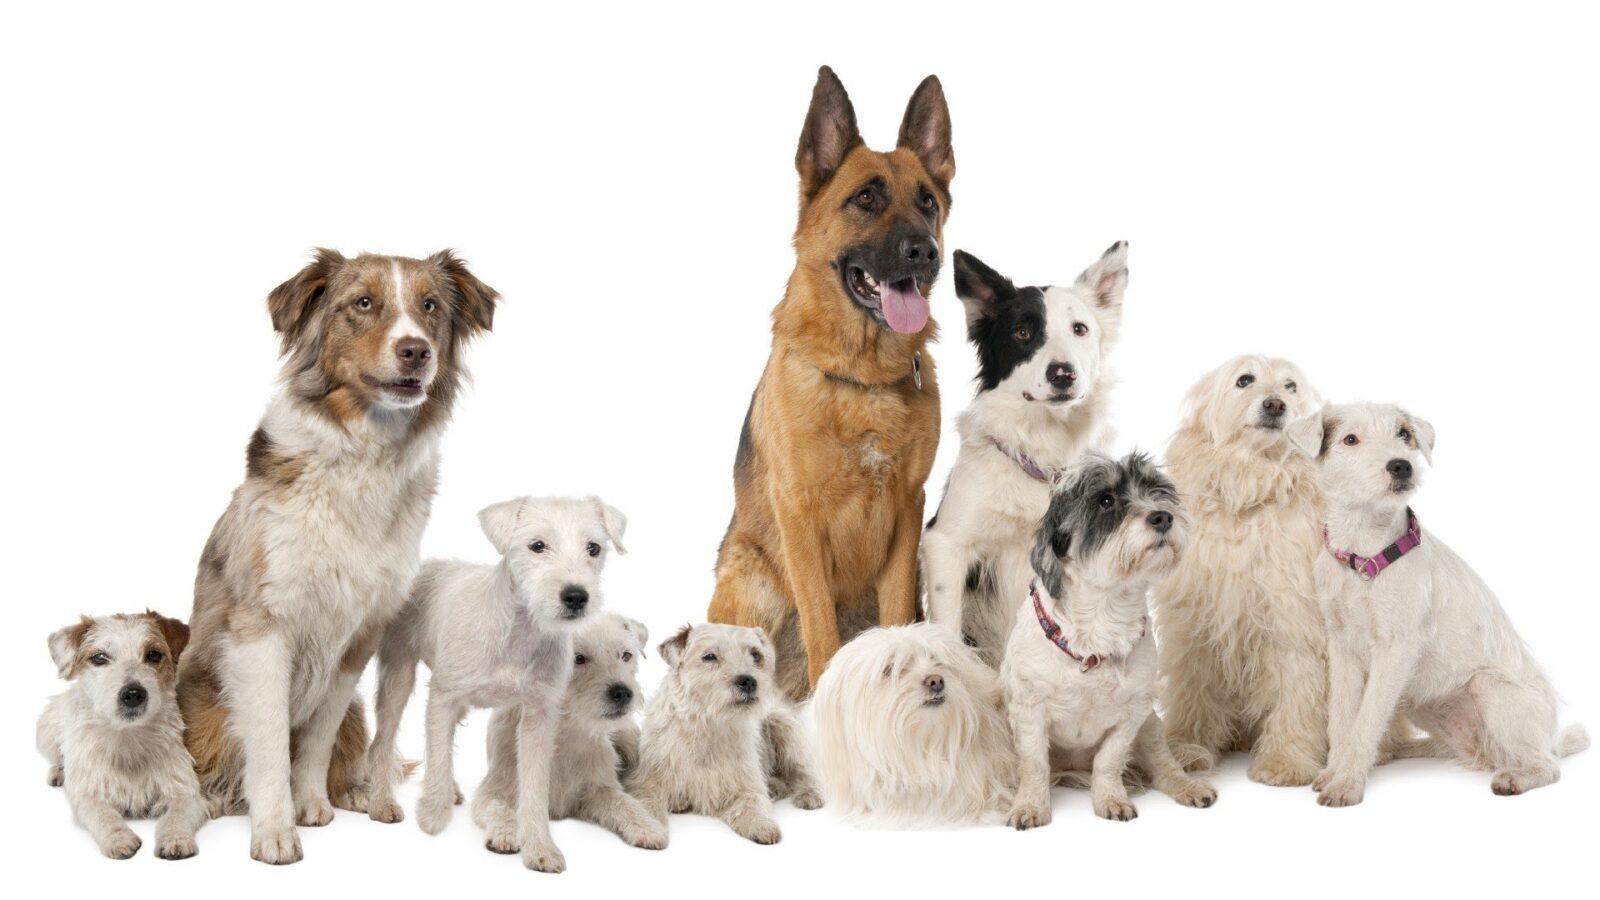 Выберите собаку этого года и узнайте новые факты о себе! Просто невероятно